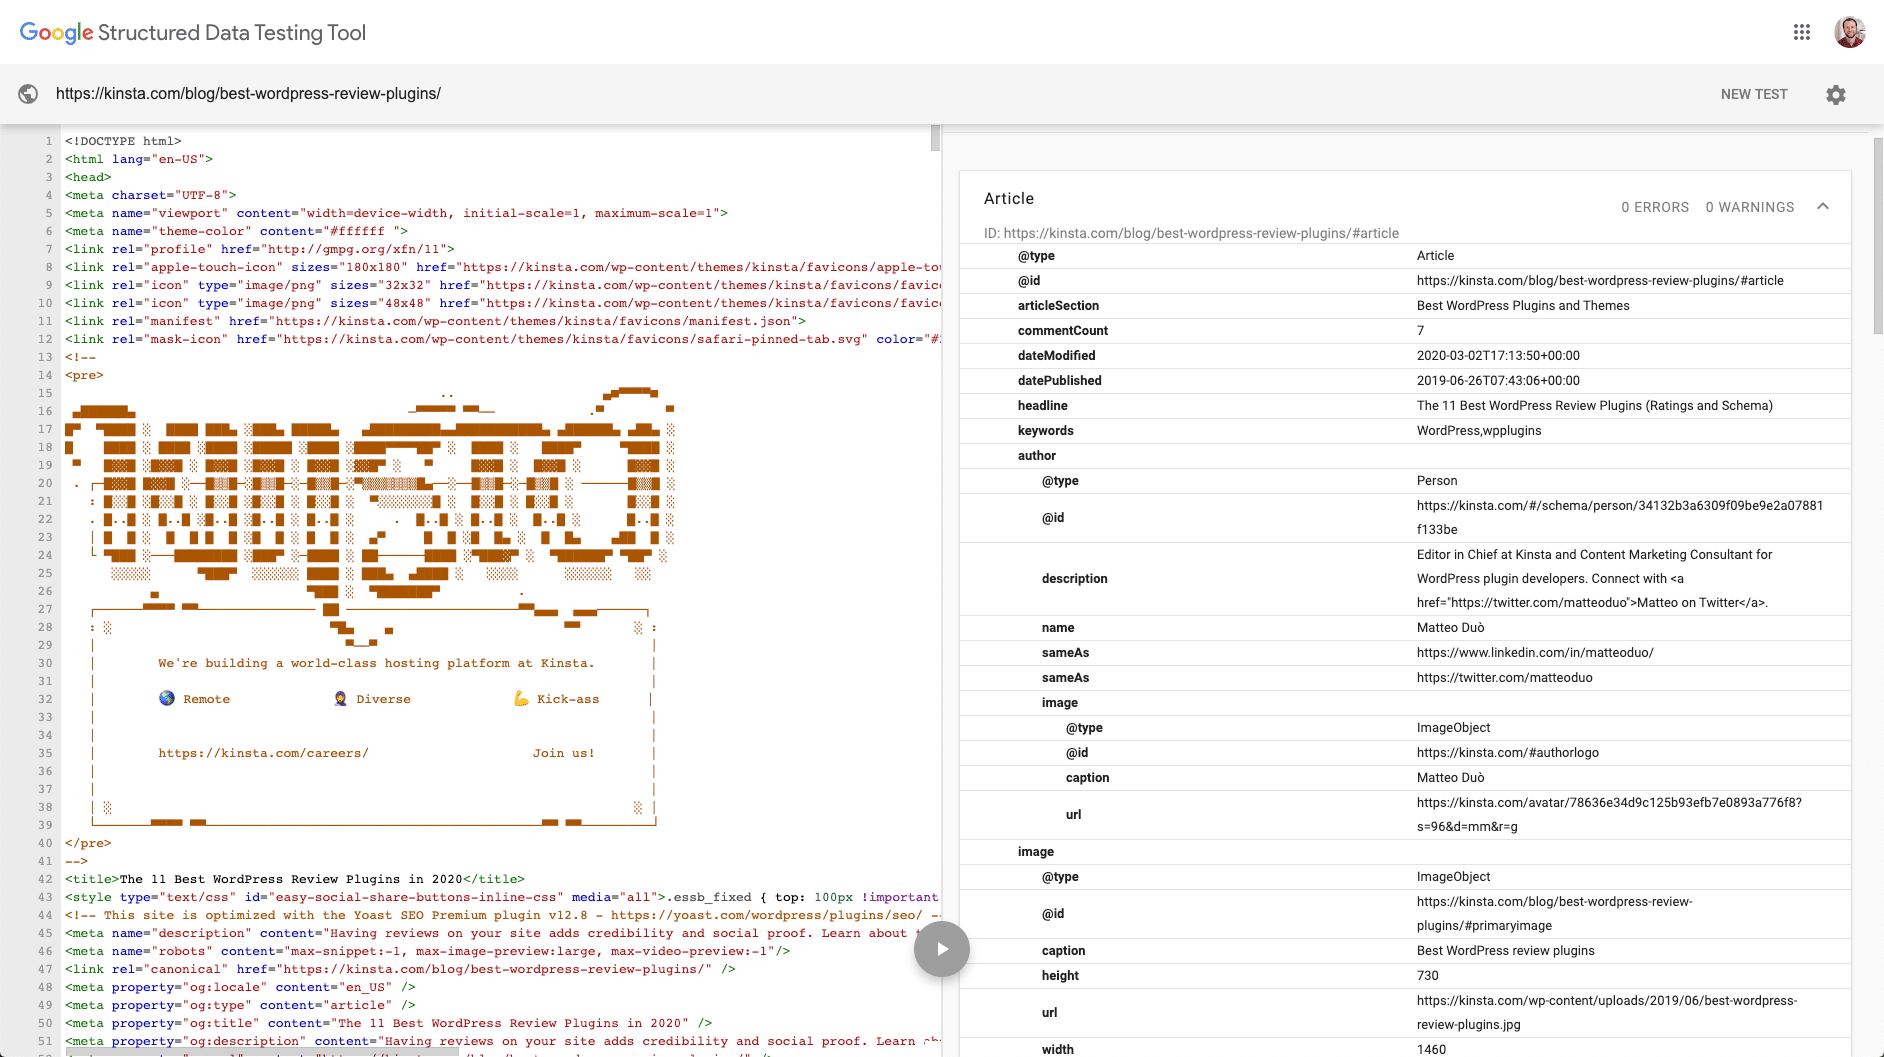 Dati strutturati di Google